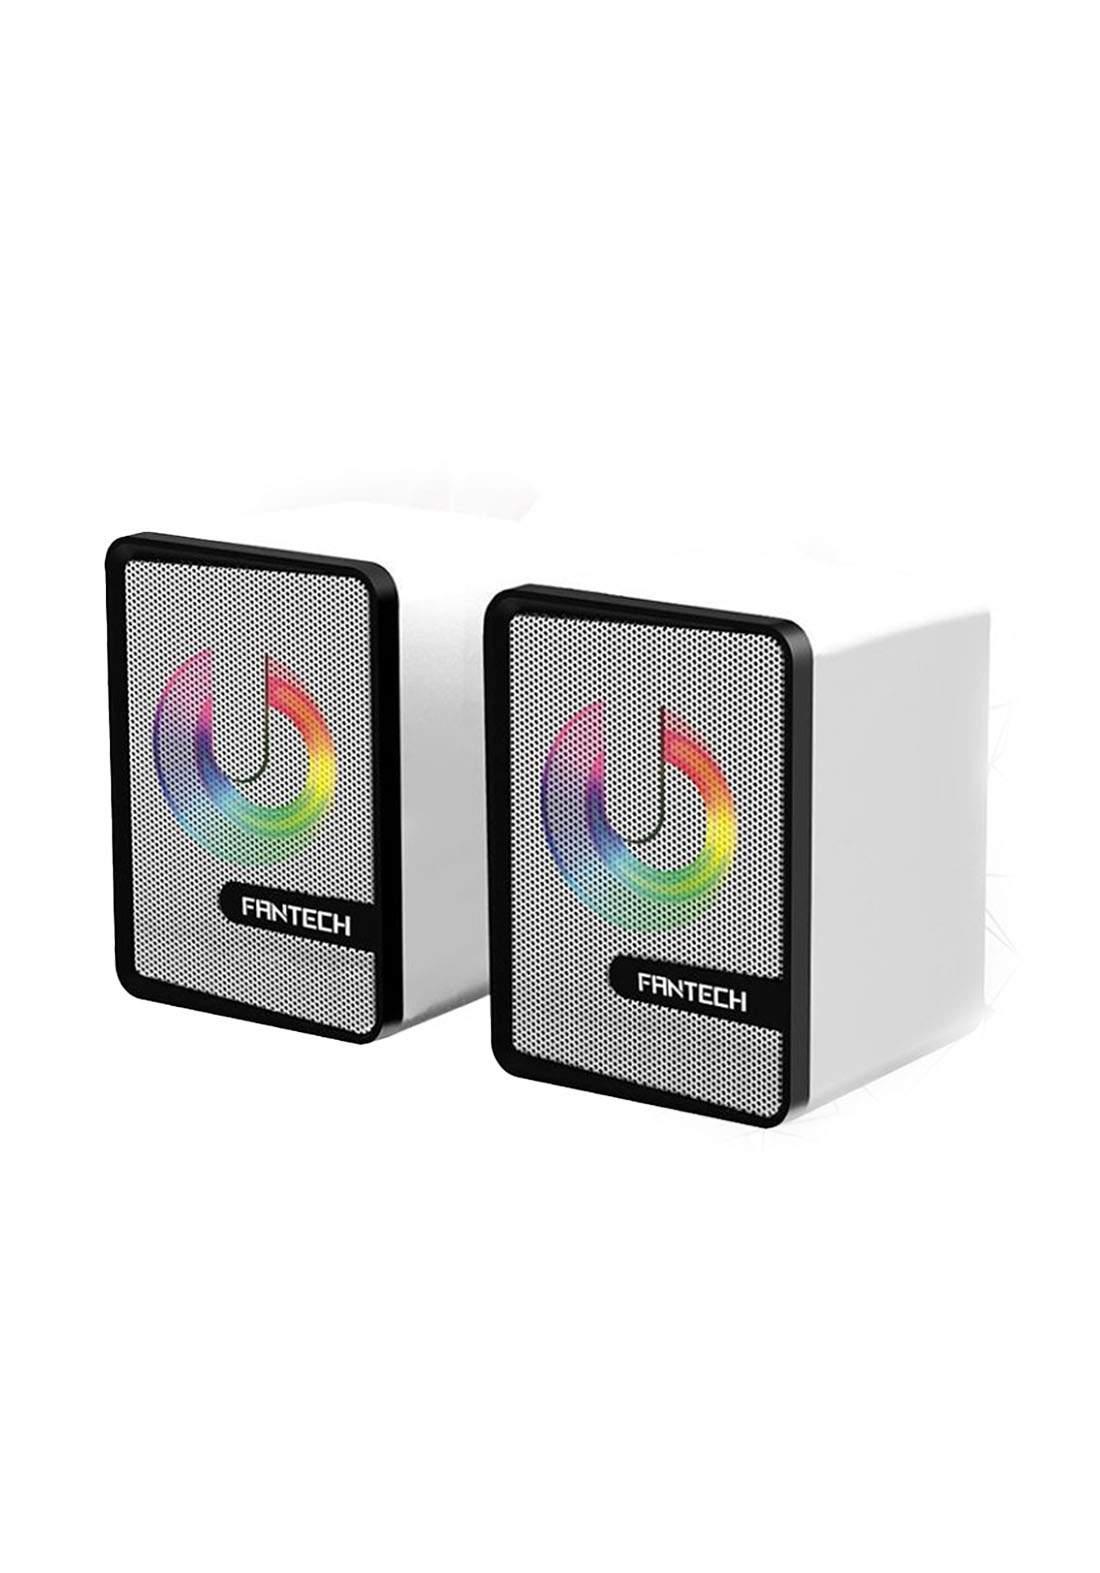 Fantech GS203 Mini RGB Lighting Computer Speaker - White سبيكر